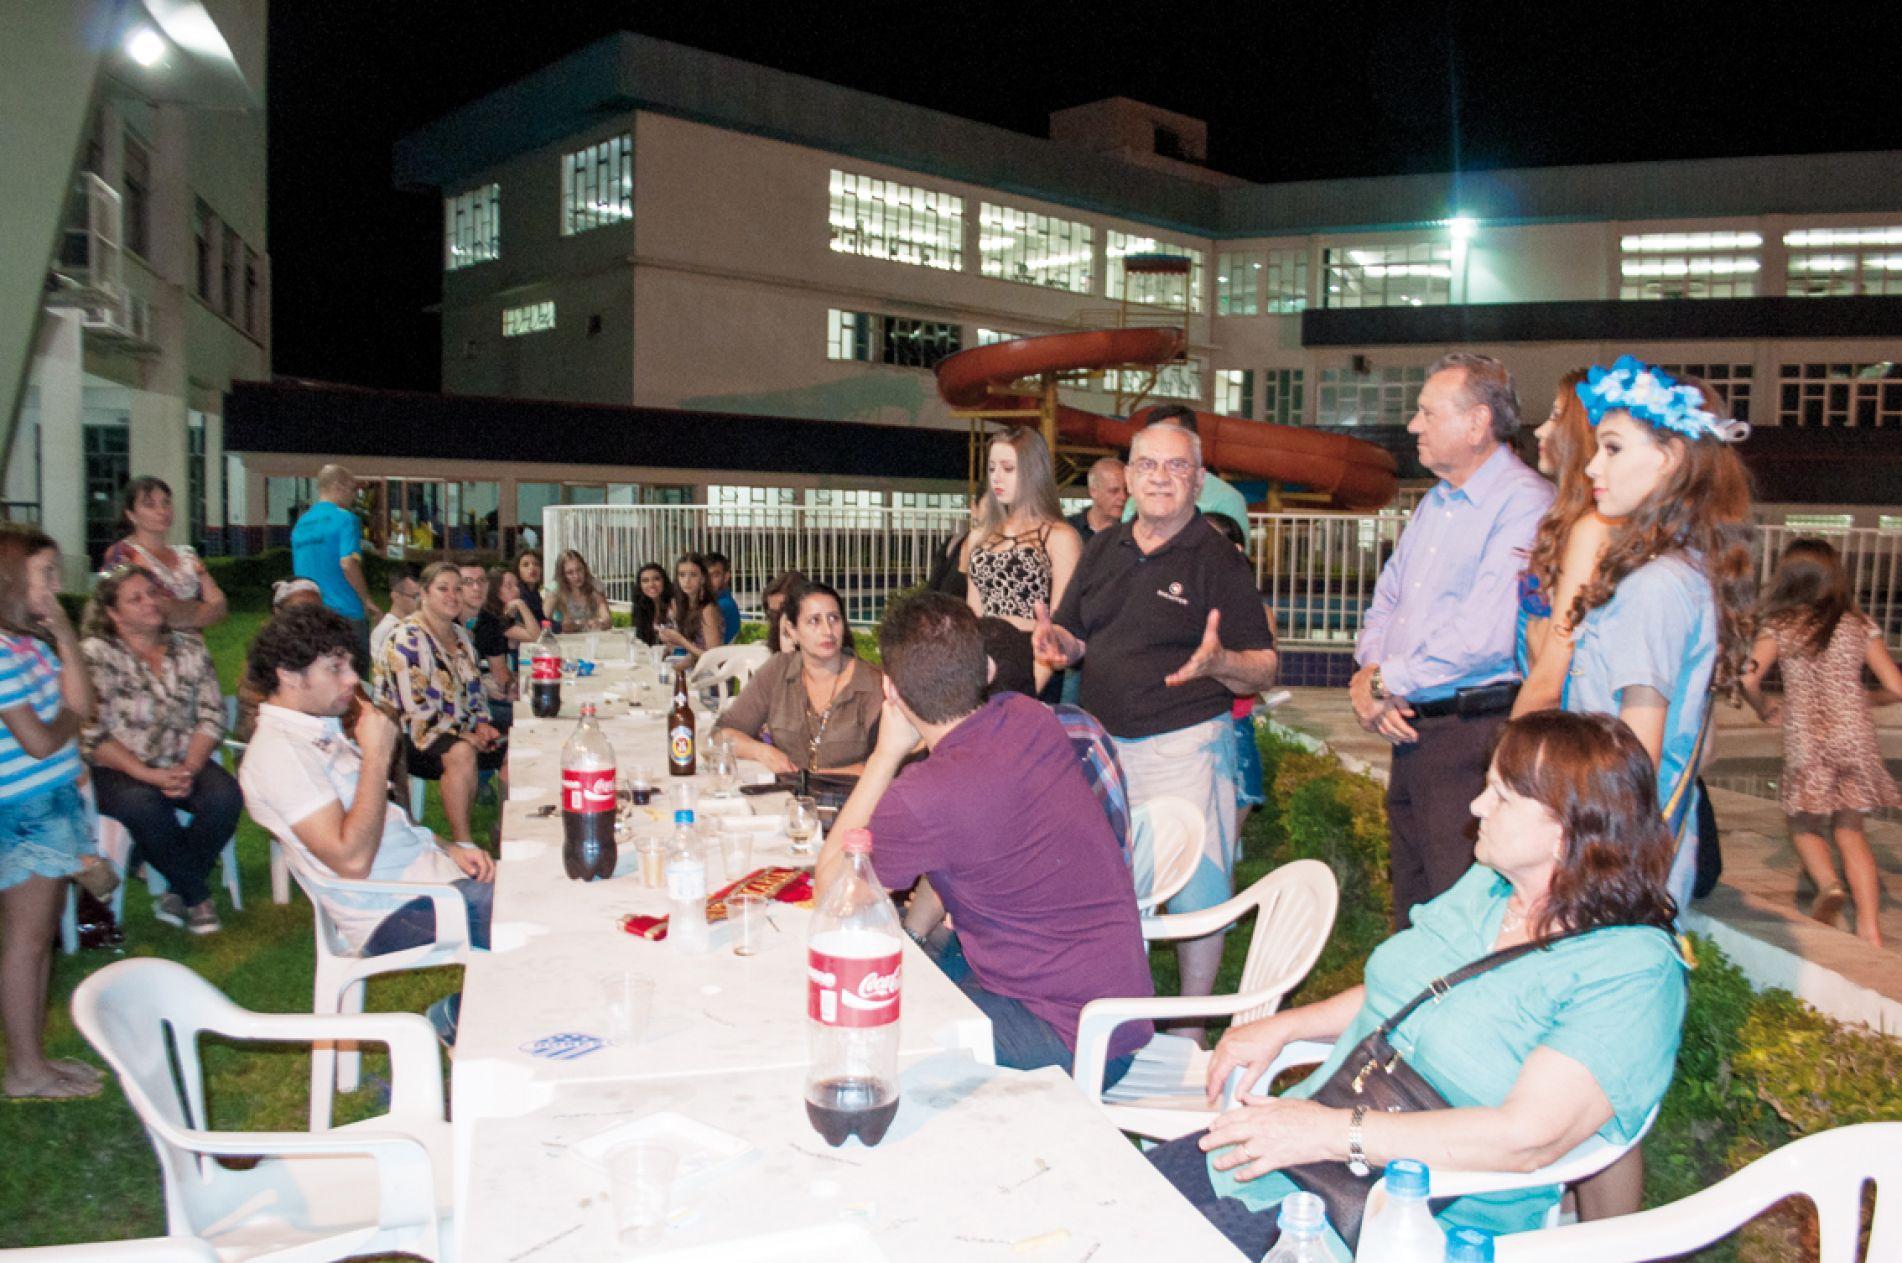 O vice-presidente Social, Cleber Ruviaro, conversa com os presentes, na confraternização pós-concurso. Foto: Guilherme Benaduce